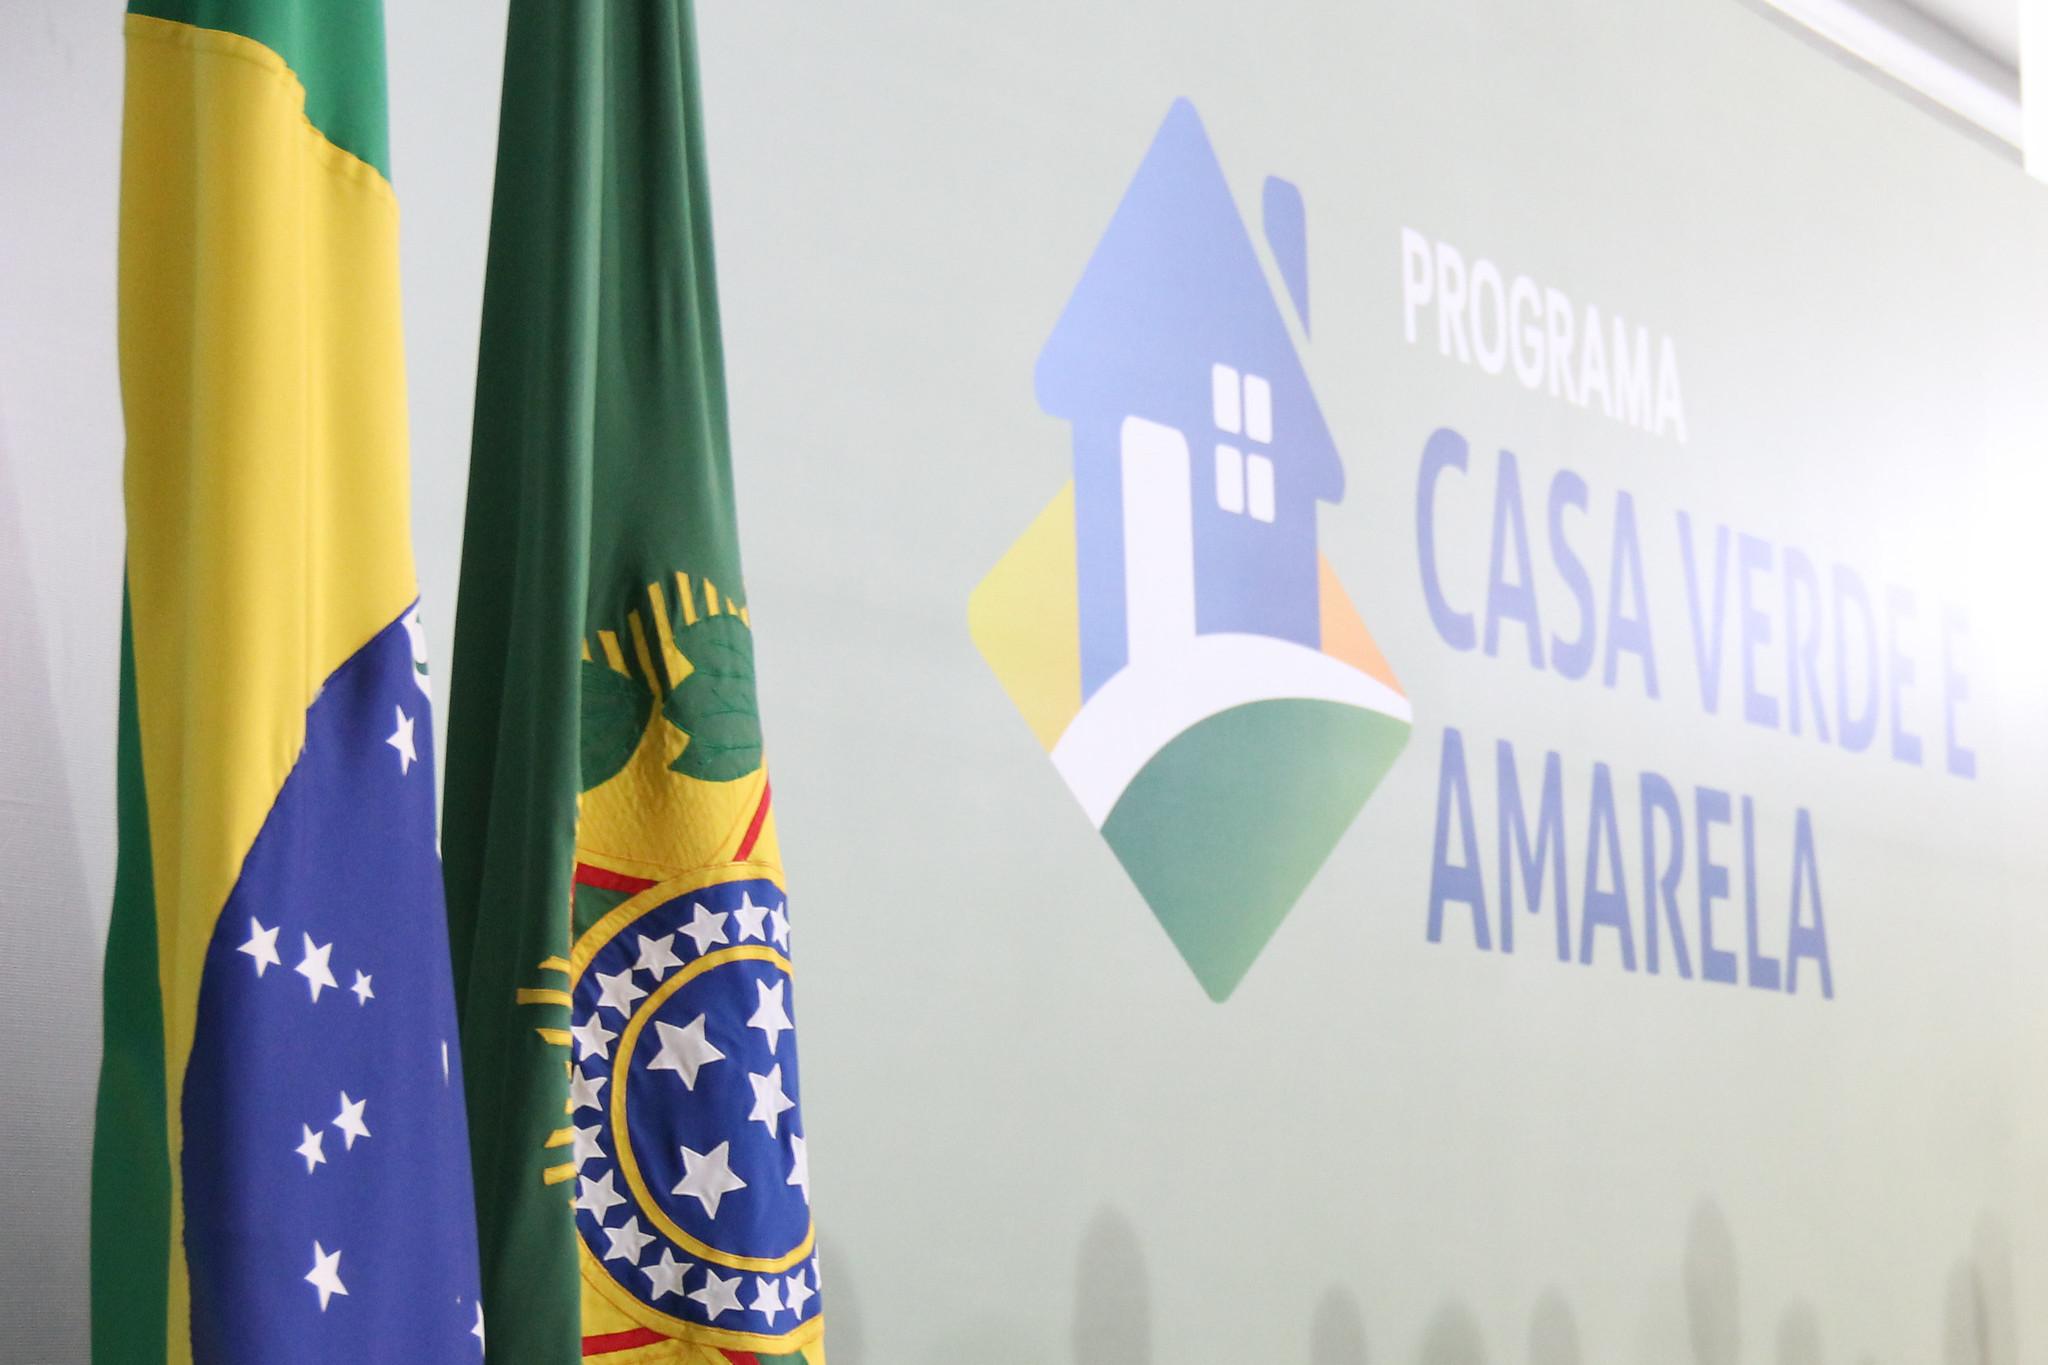 PROGRAMA CASA VERDE E AMARELA É SANCIONADO COM VETO